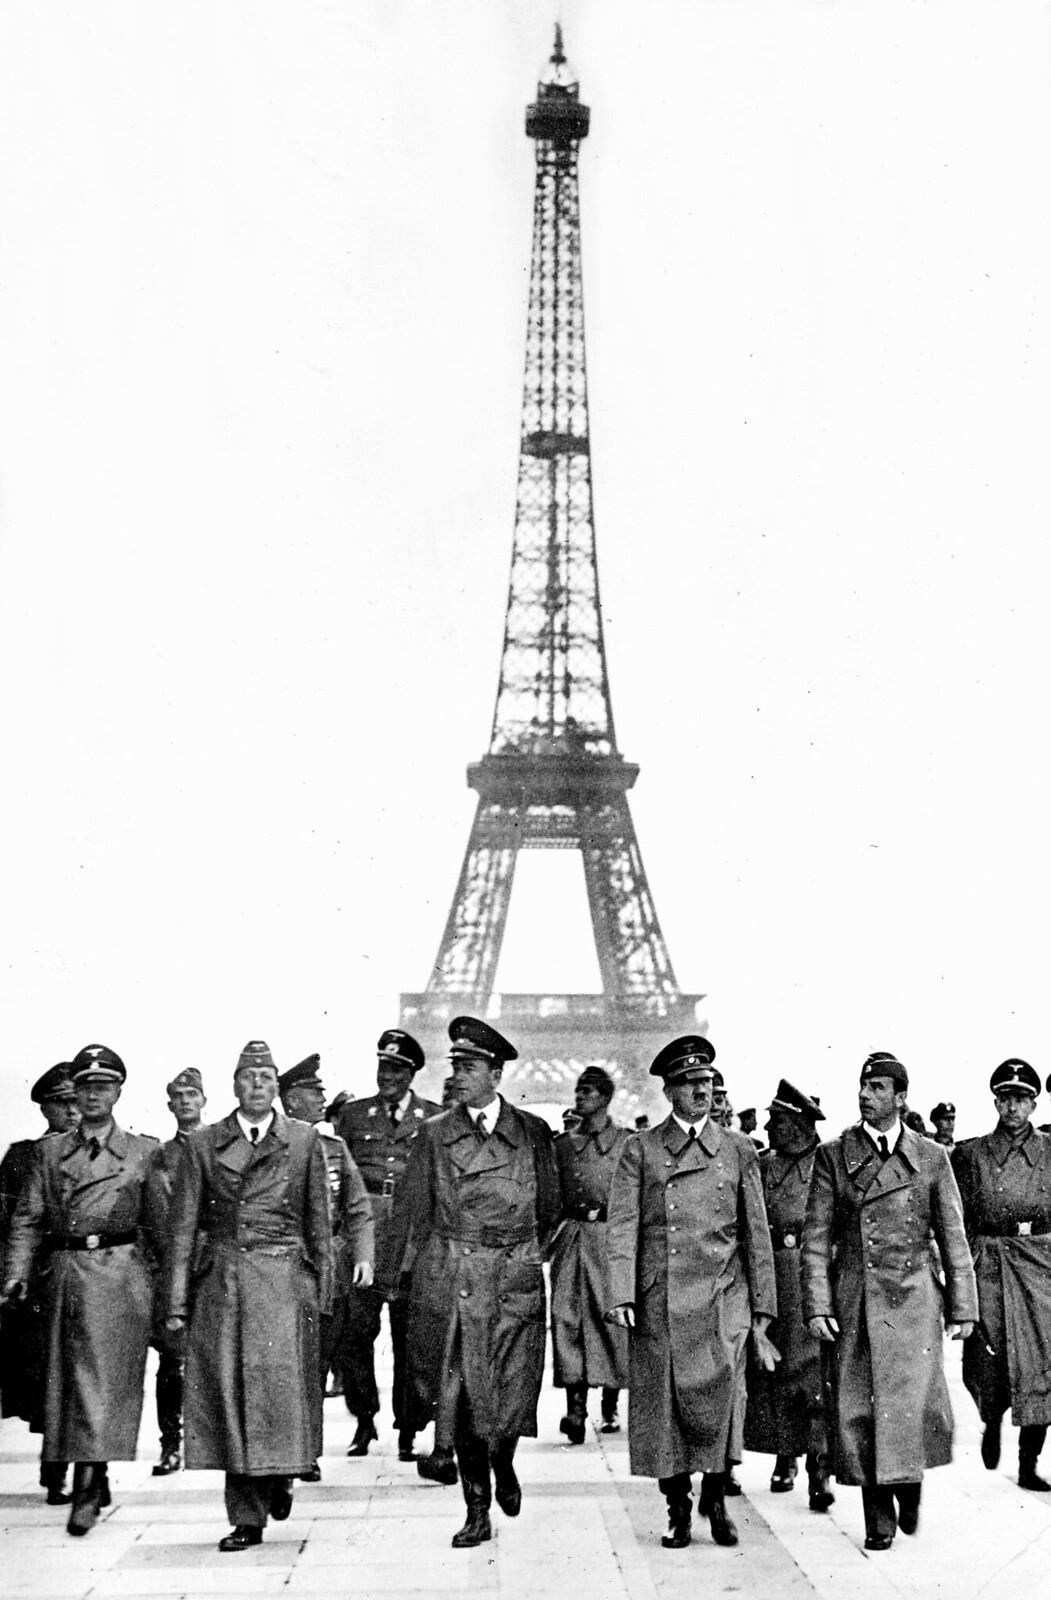 17. Адольф Гитлер  на эспланаде дворца Шайо, с архитектором Альбертом Шпеером (слева), скульптором Арно Брекером (справа) и его сотрудни